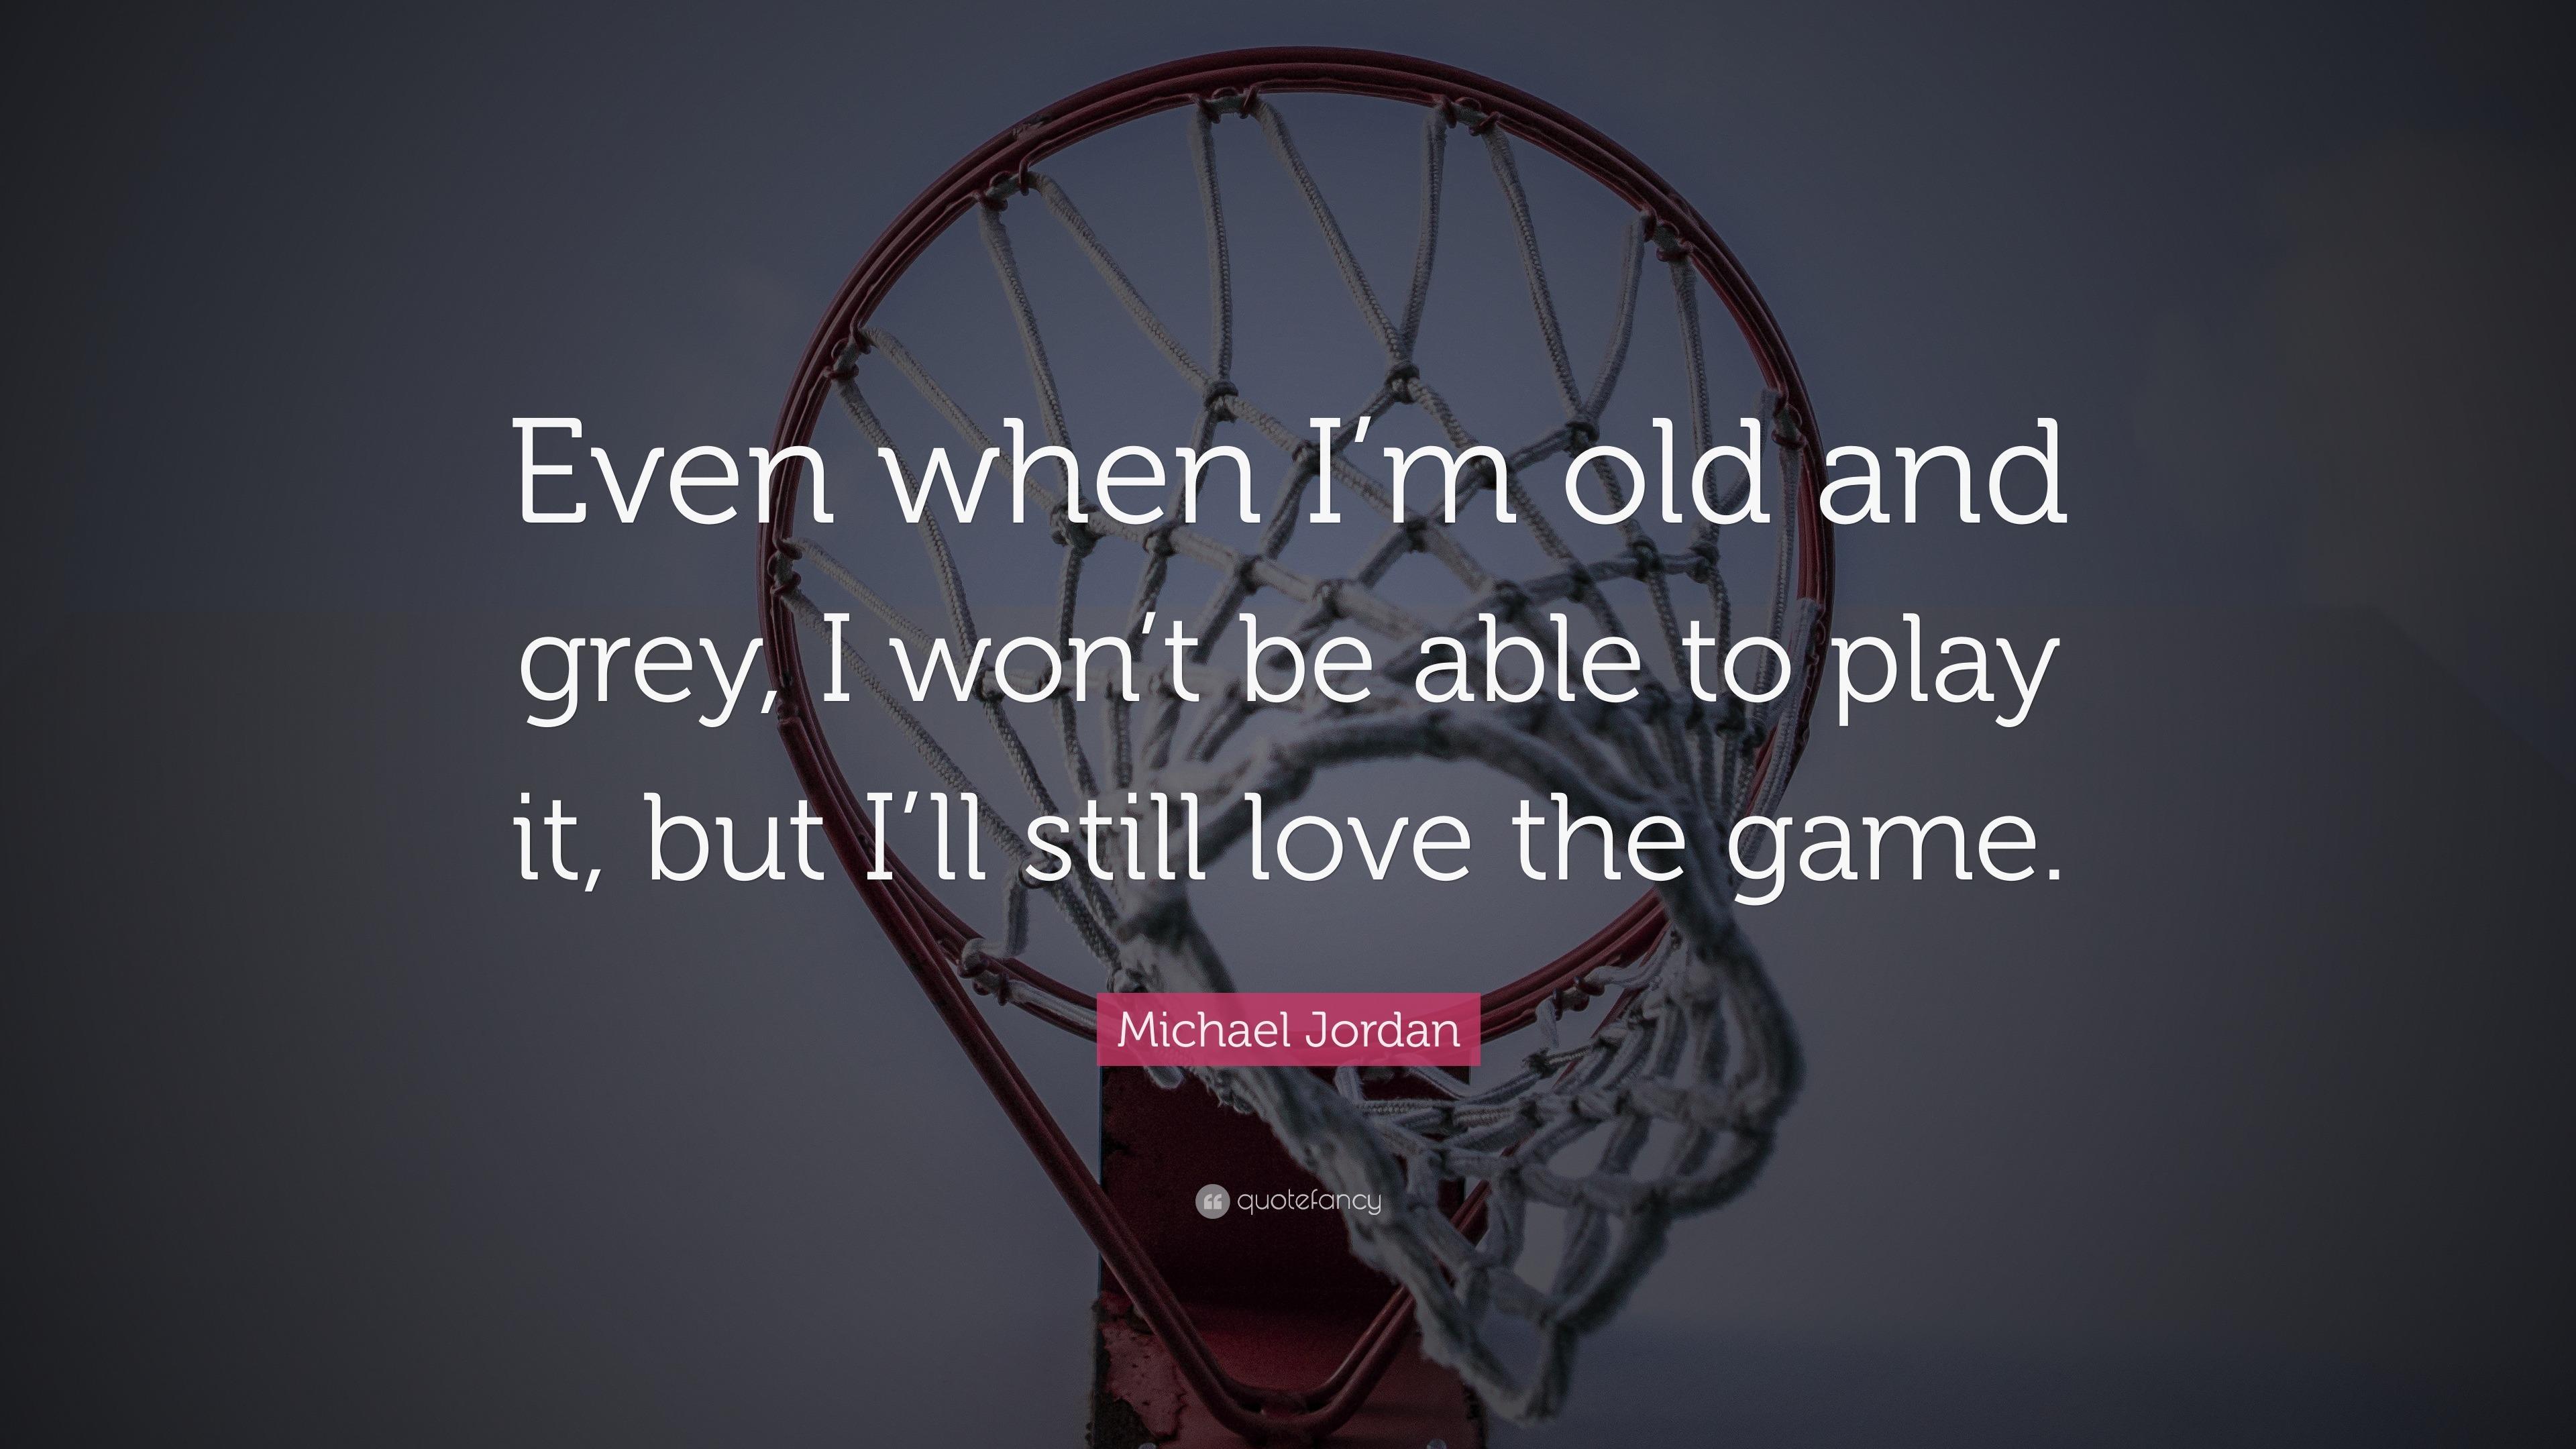 24 Wallpapers Michael Jordan Quote